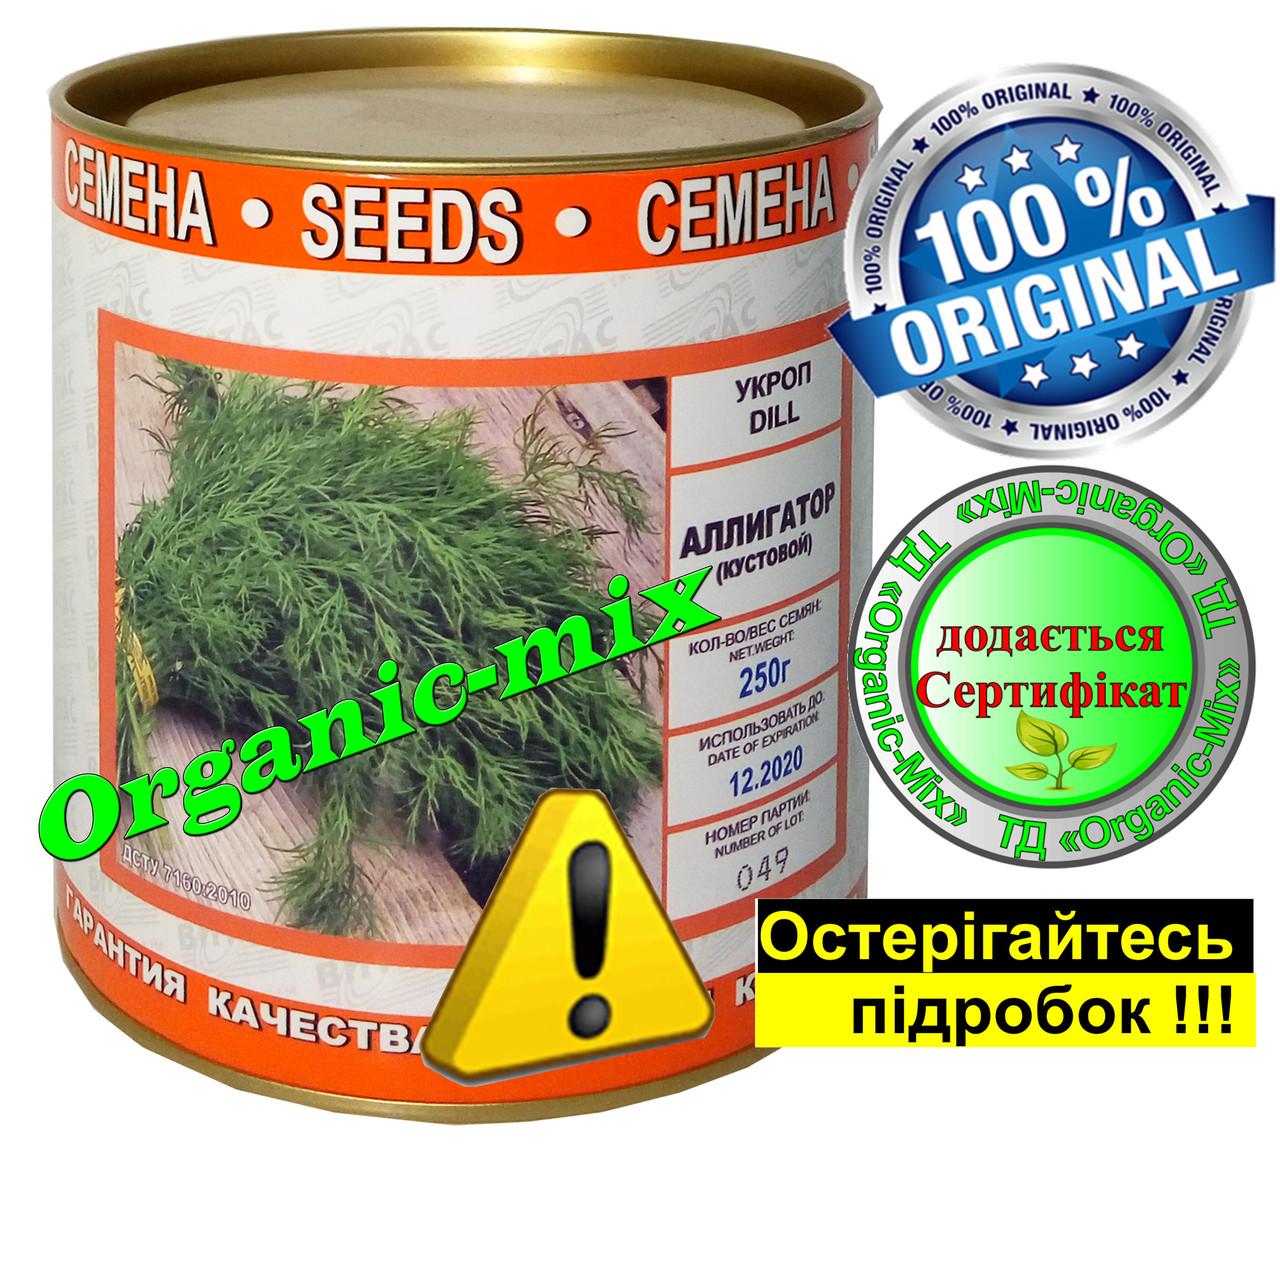 Семена укропа Аллигатор, инкрустированные, в банке 250 г , тм Витас